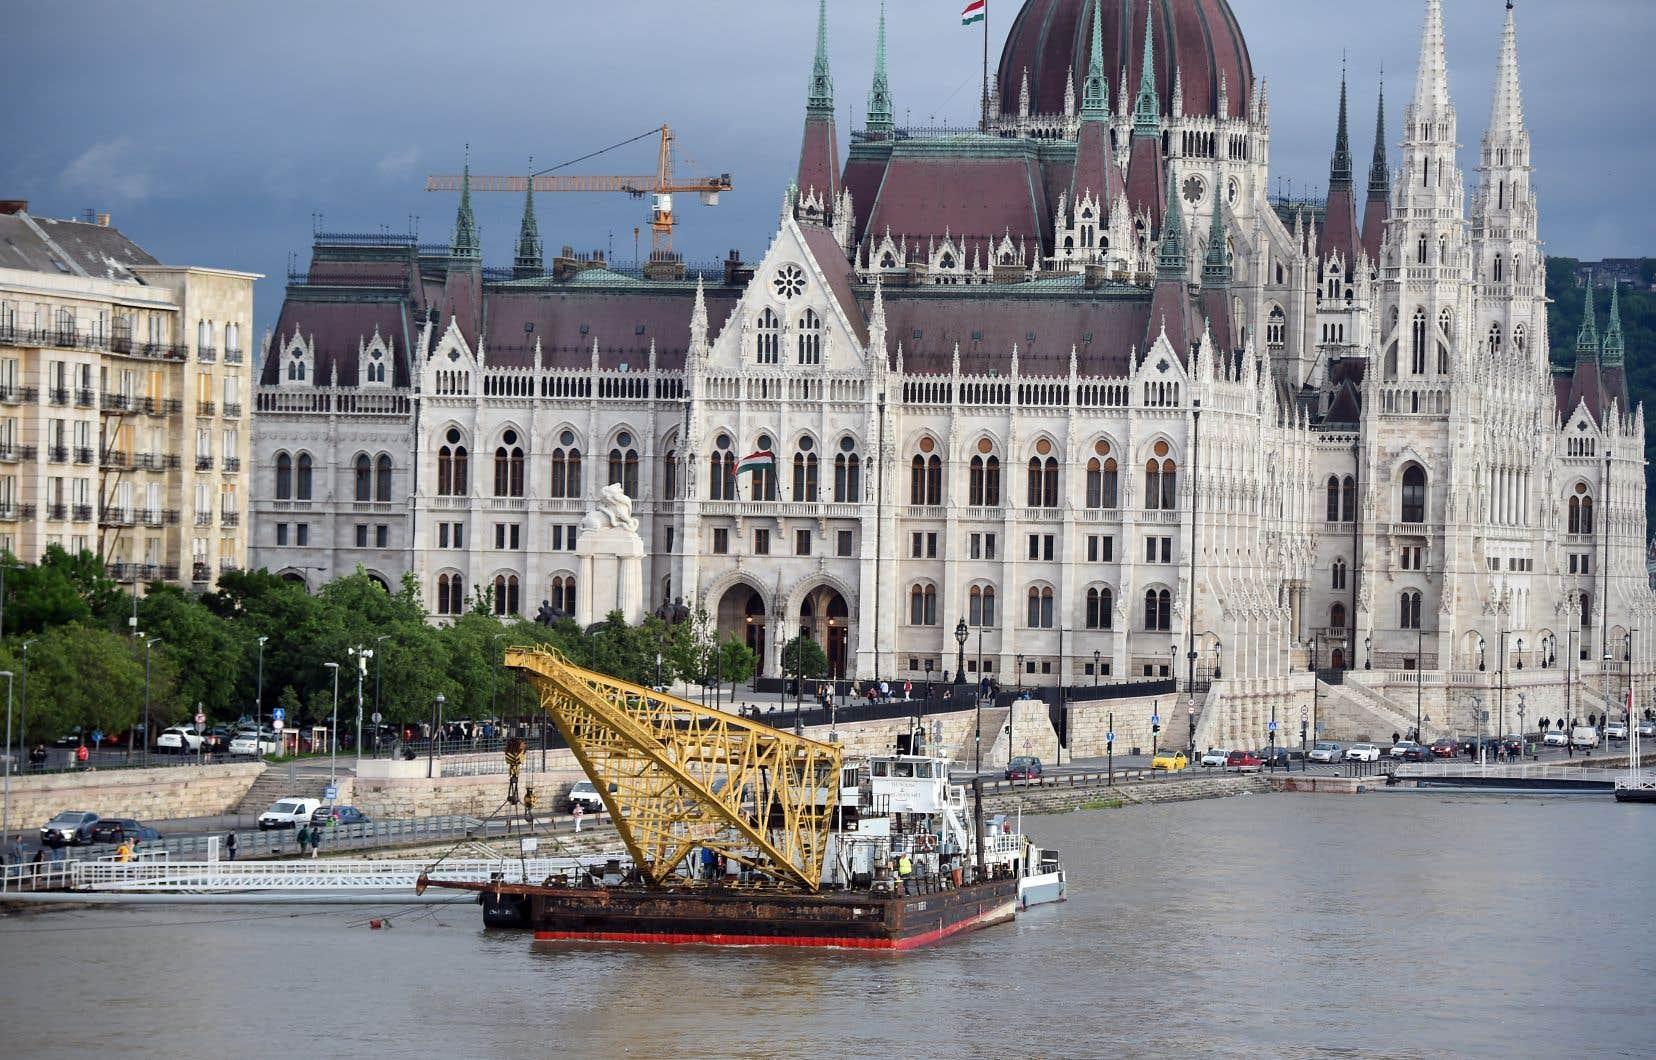 L'accident est survenu près du Parlement, au coeur de Budapest, une ville prisée des touristes du monde entier.